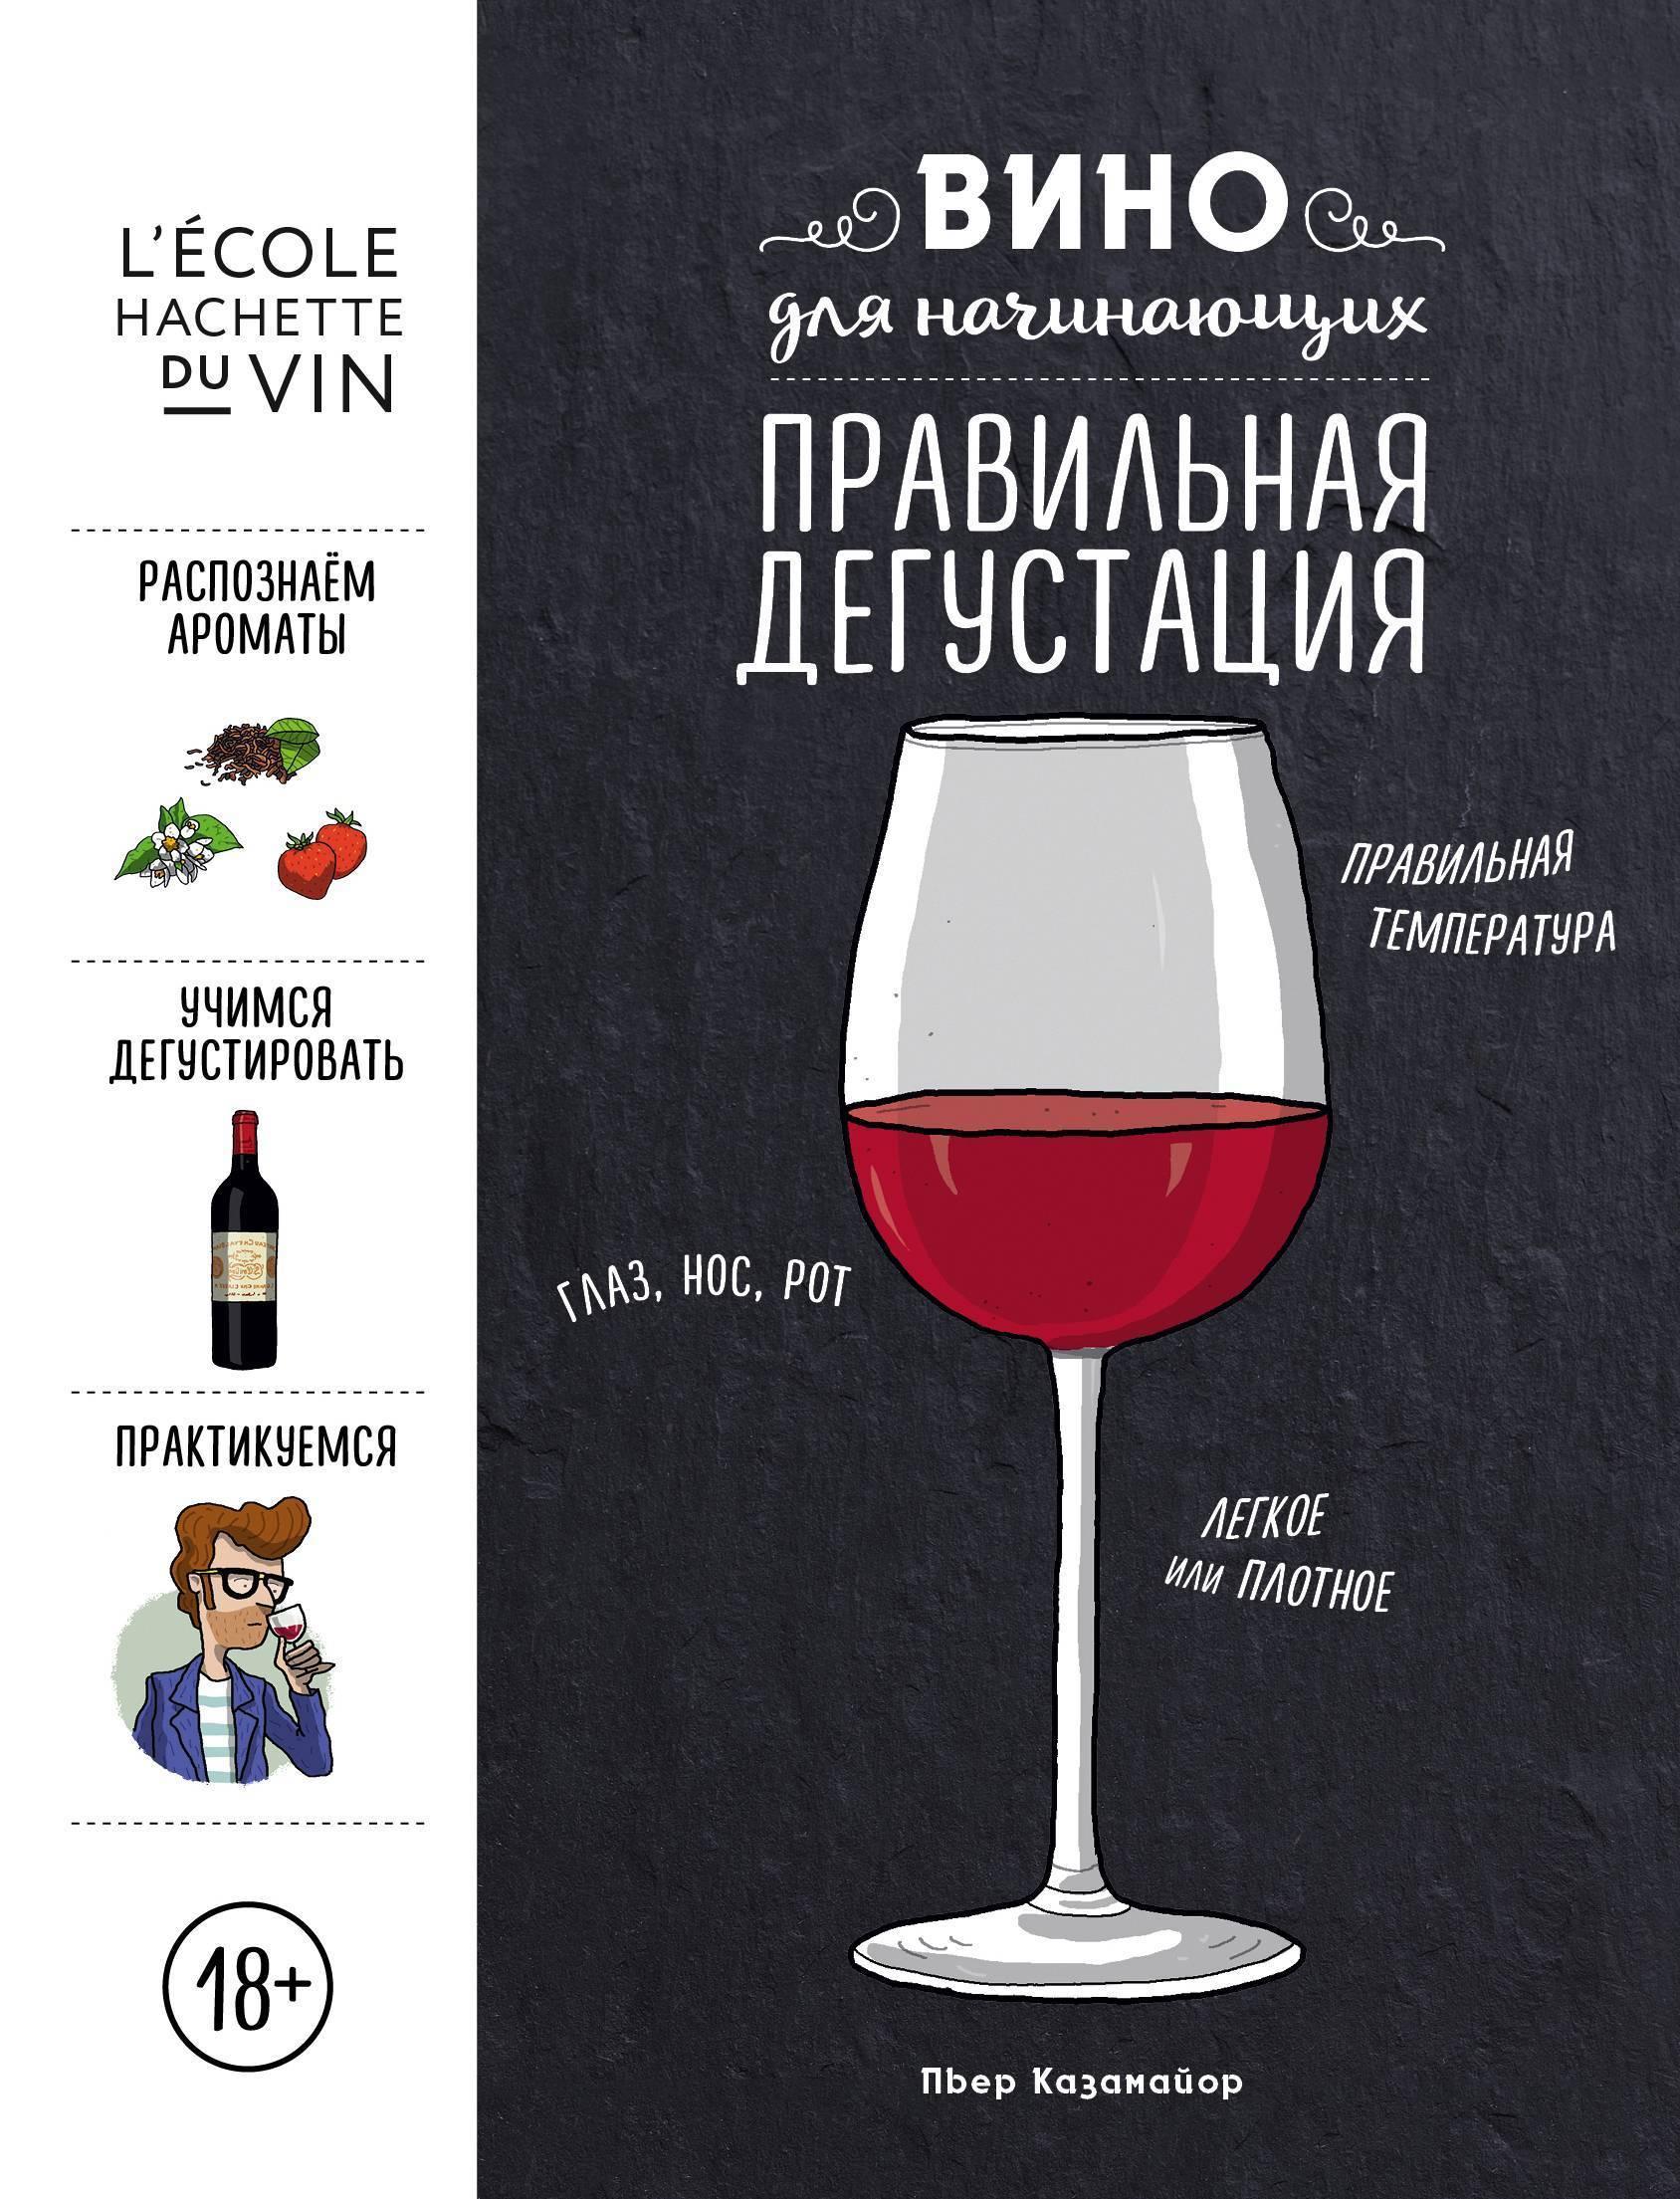 Вино мальбек (malbec): описание, отзывы, цена и стоимость